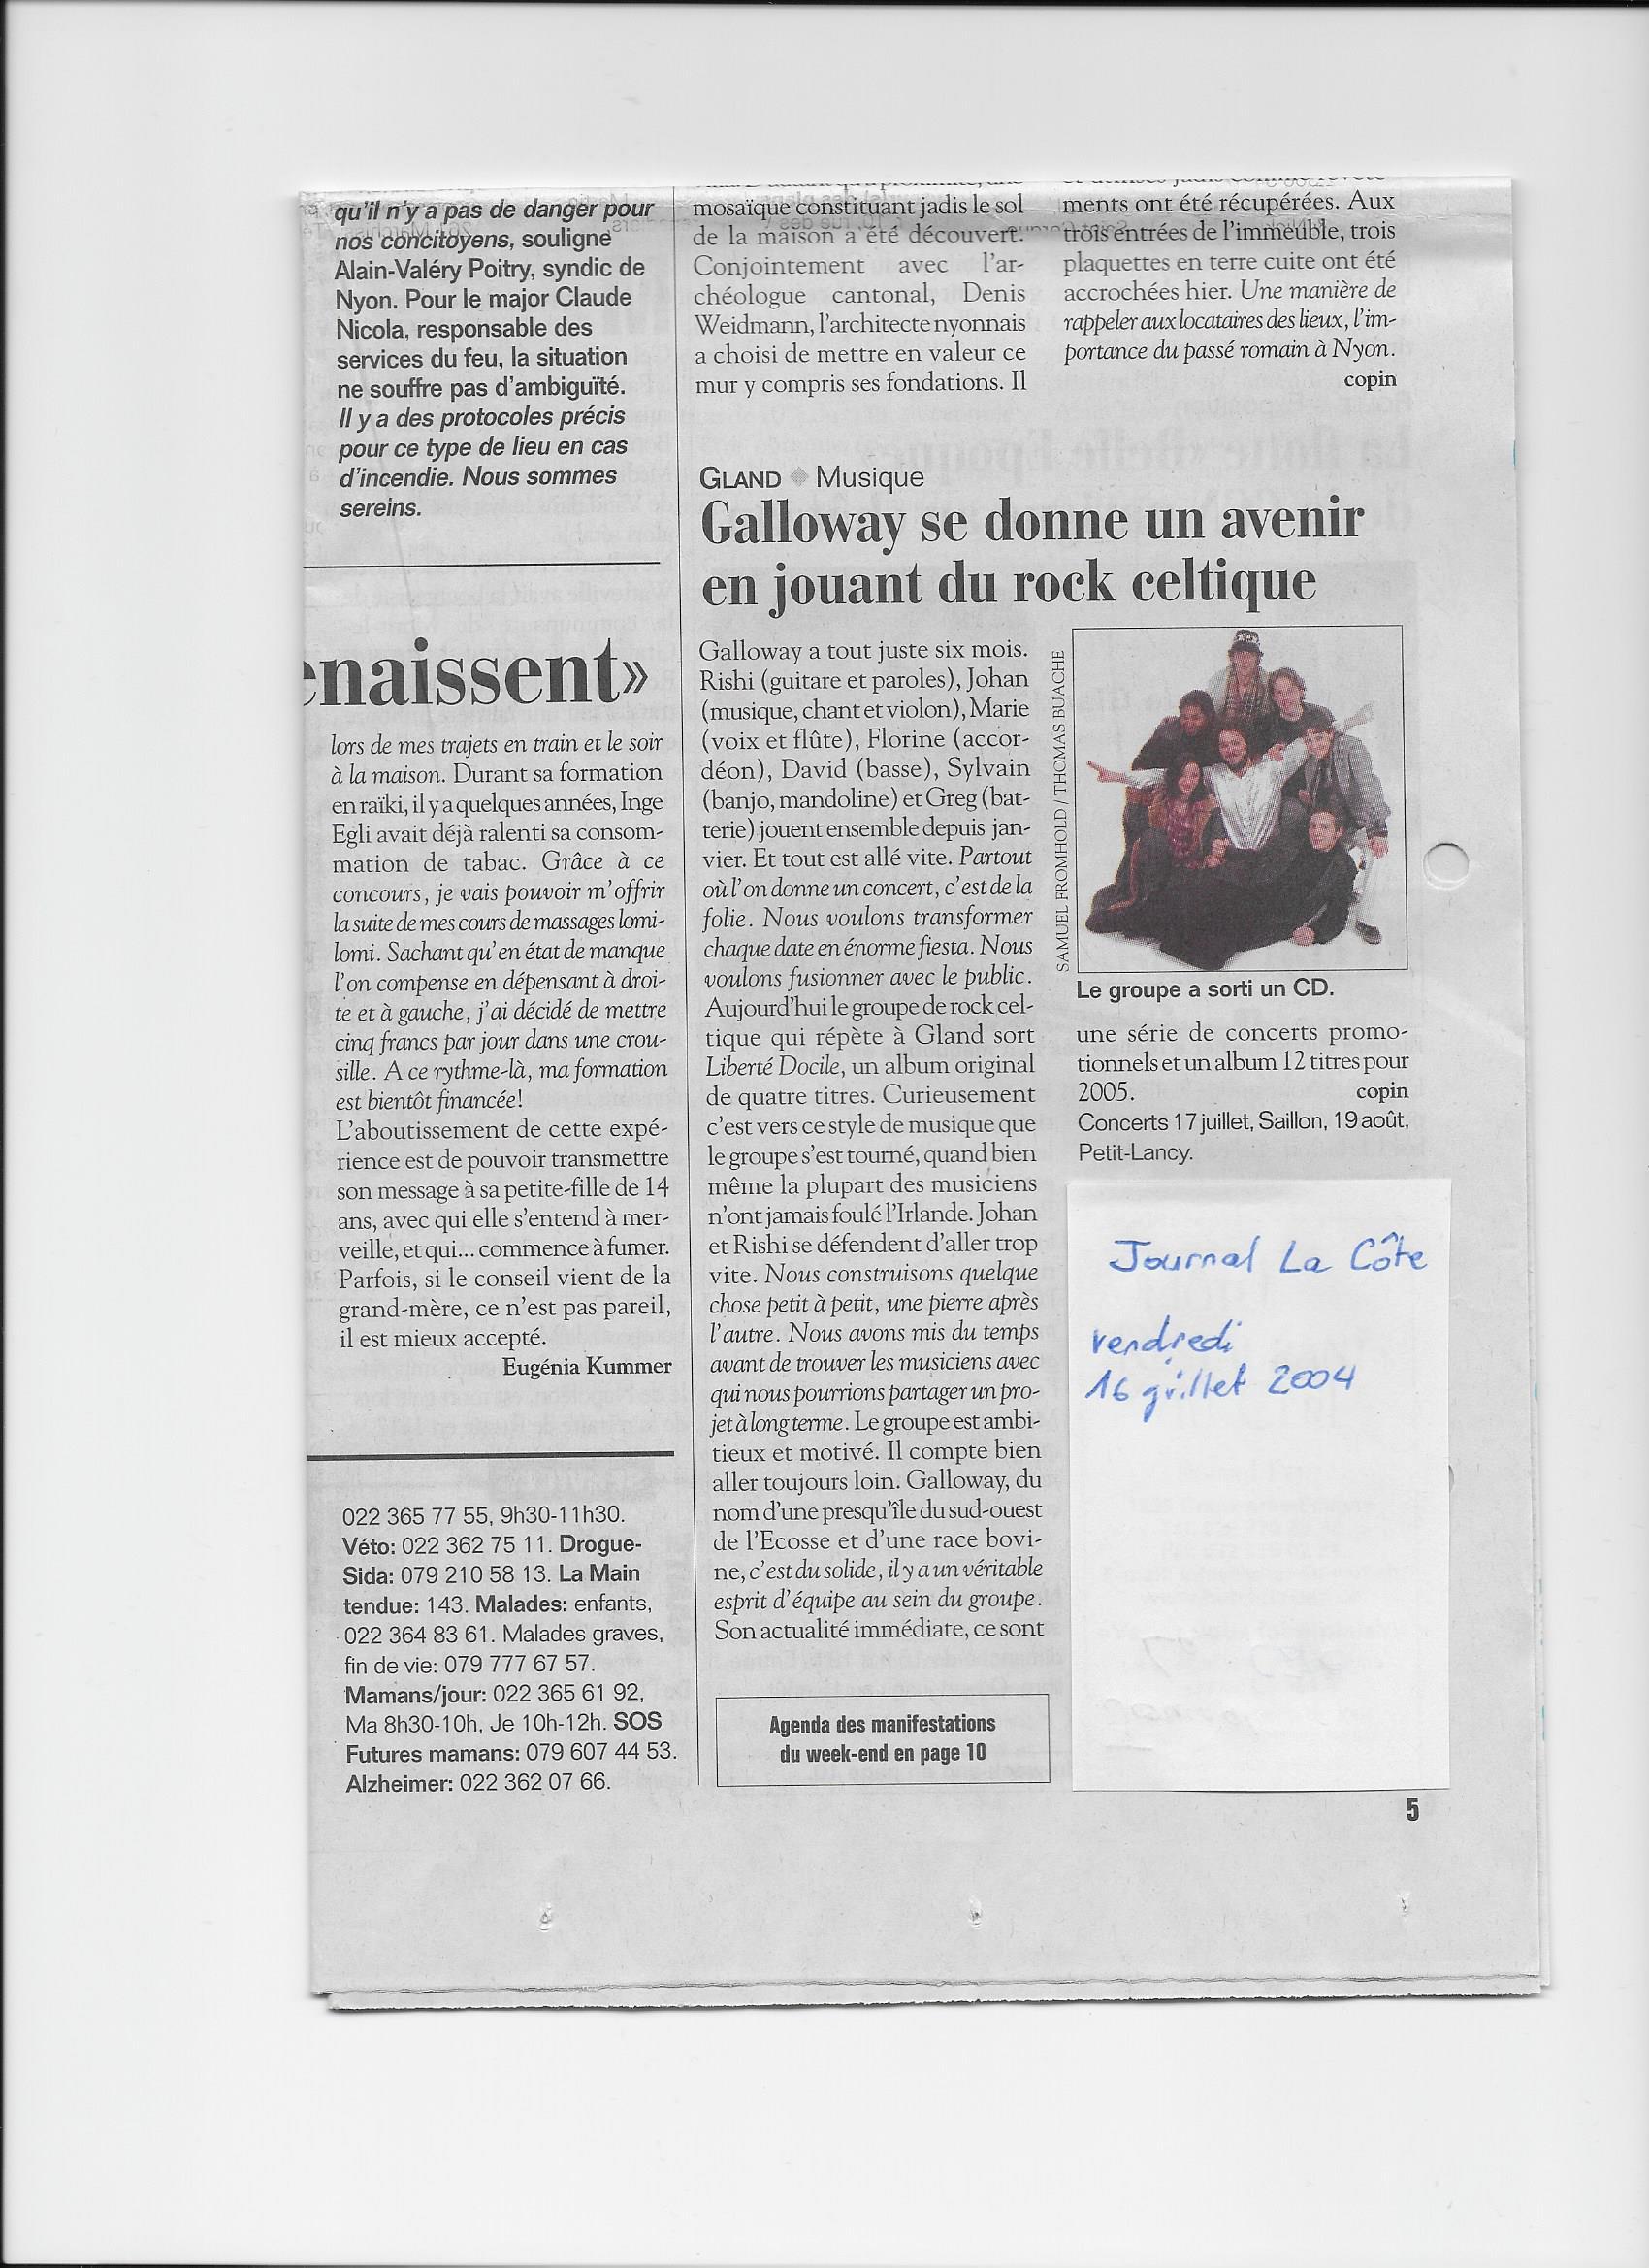 La Côte, 16.07